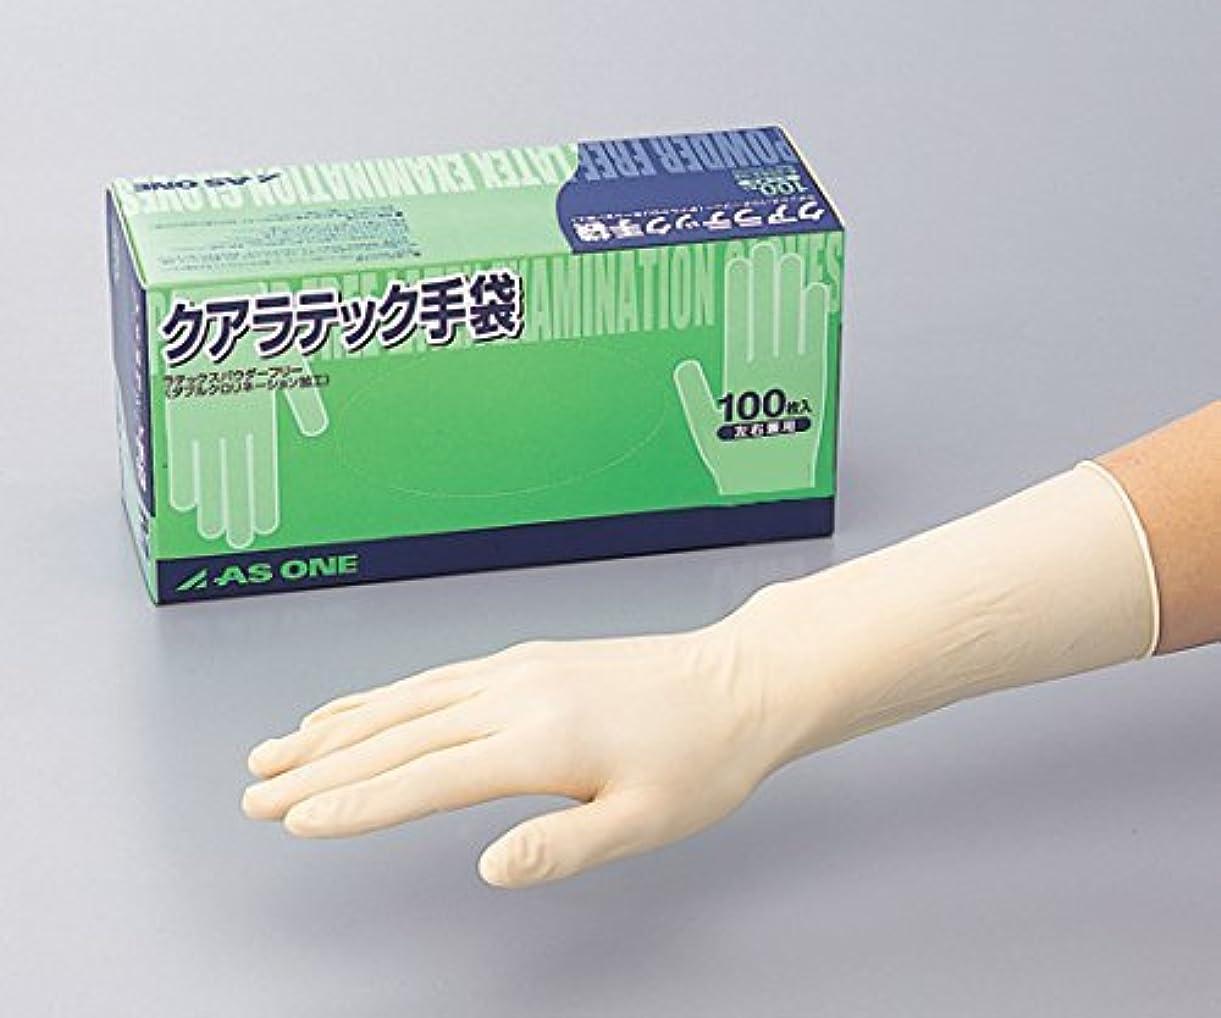 瀬戸際拡散する鳴らすアズワン8-4053-02クアラテック手袋(DXパウダーフリー)M1箱(100枚入)